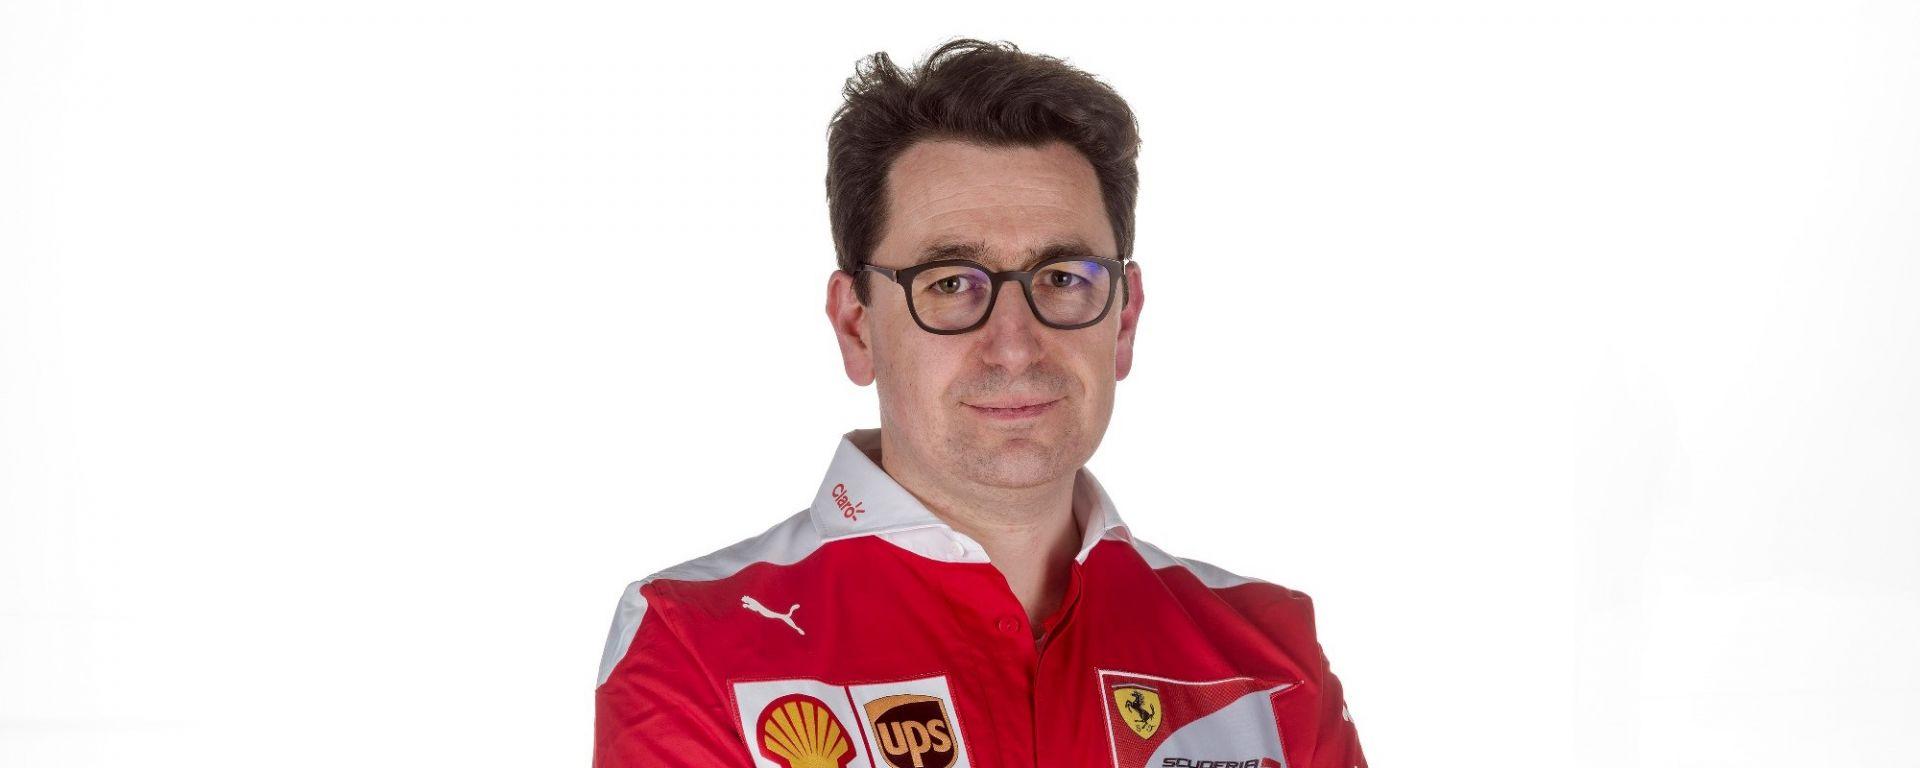 Mattia Binotto, chi è il nuovo team principal della Ferrari